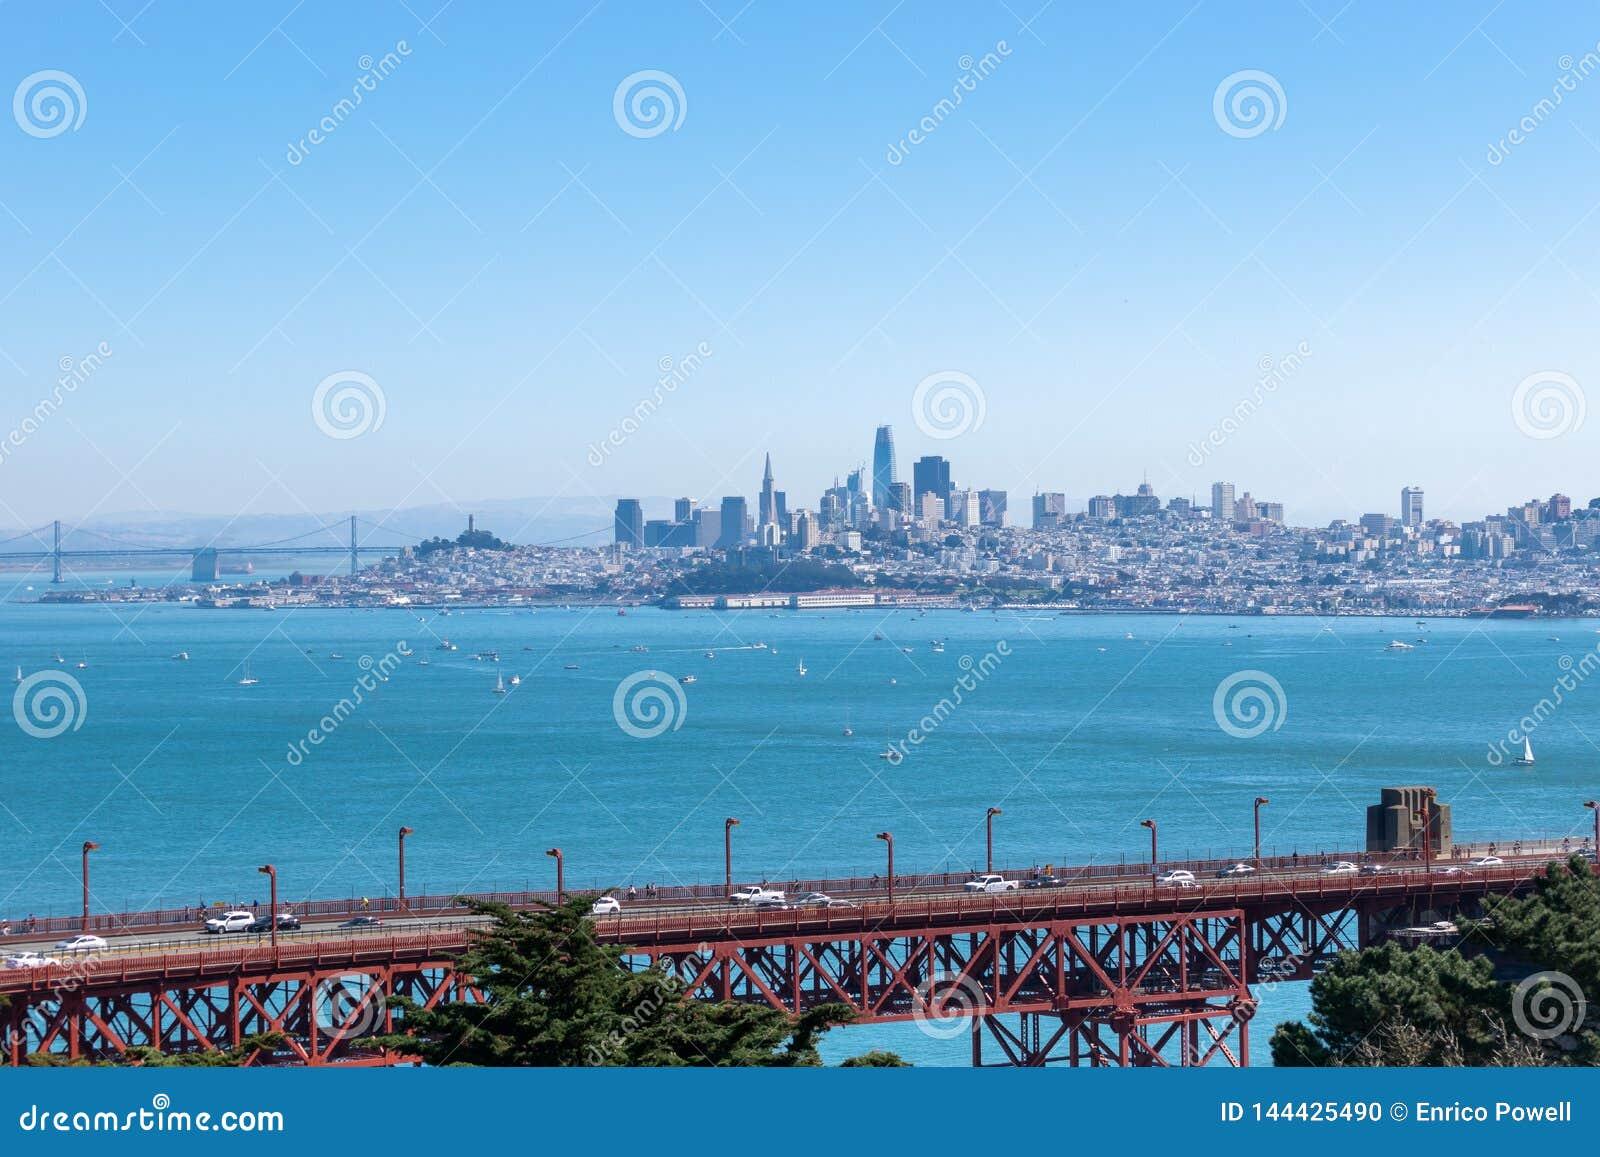 Χρυσή γέφυρα πυλών σε Καλιφόρνια με τον ορίζοντα της στο κέντρο της πόÎ